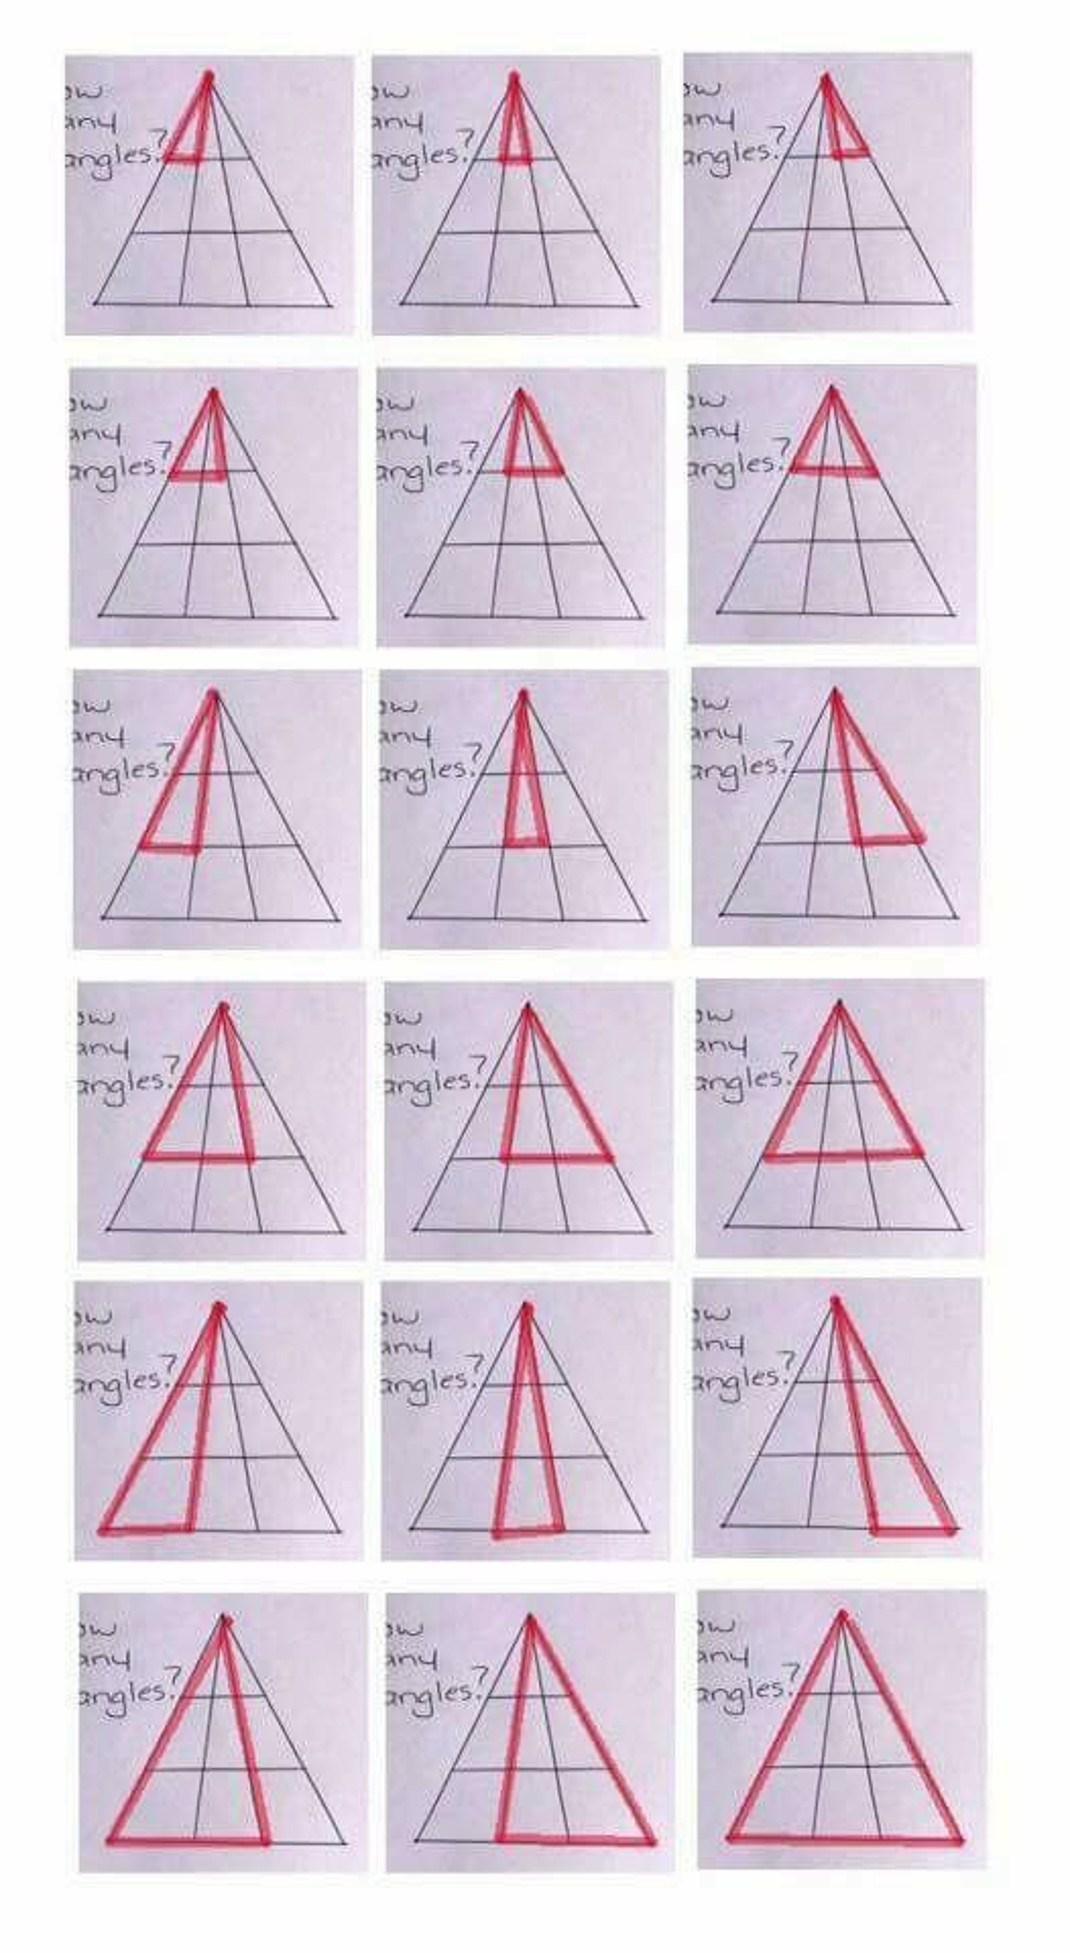 Ο γρίφος που έγινε viral! Πόσα τρίγωνα βλέπεις στην εικόνα;